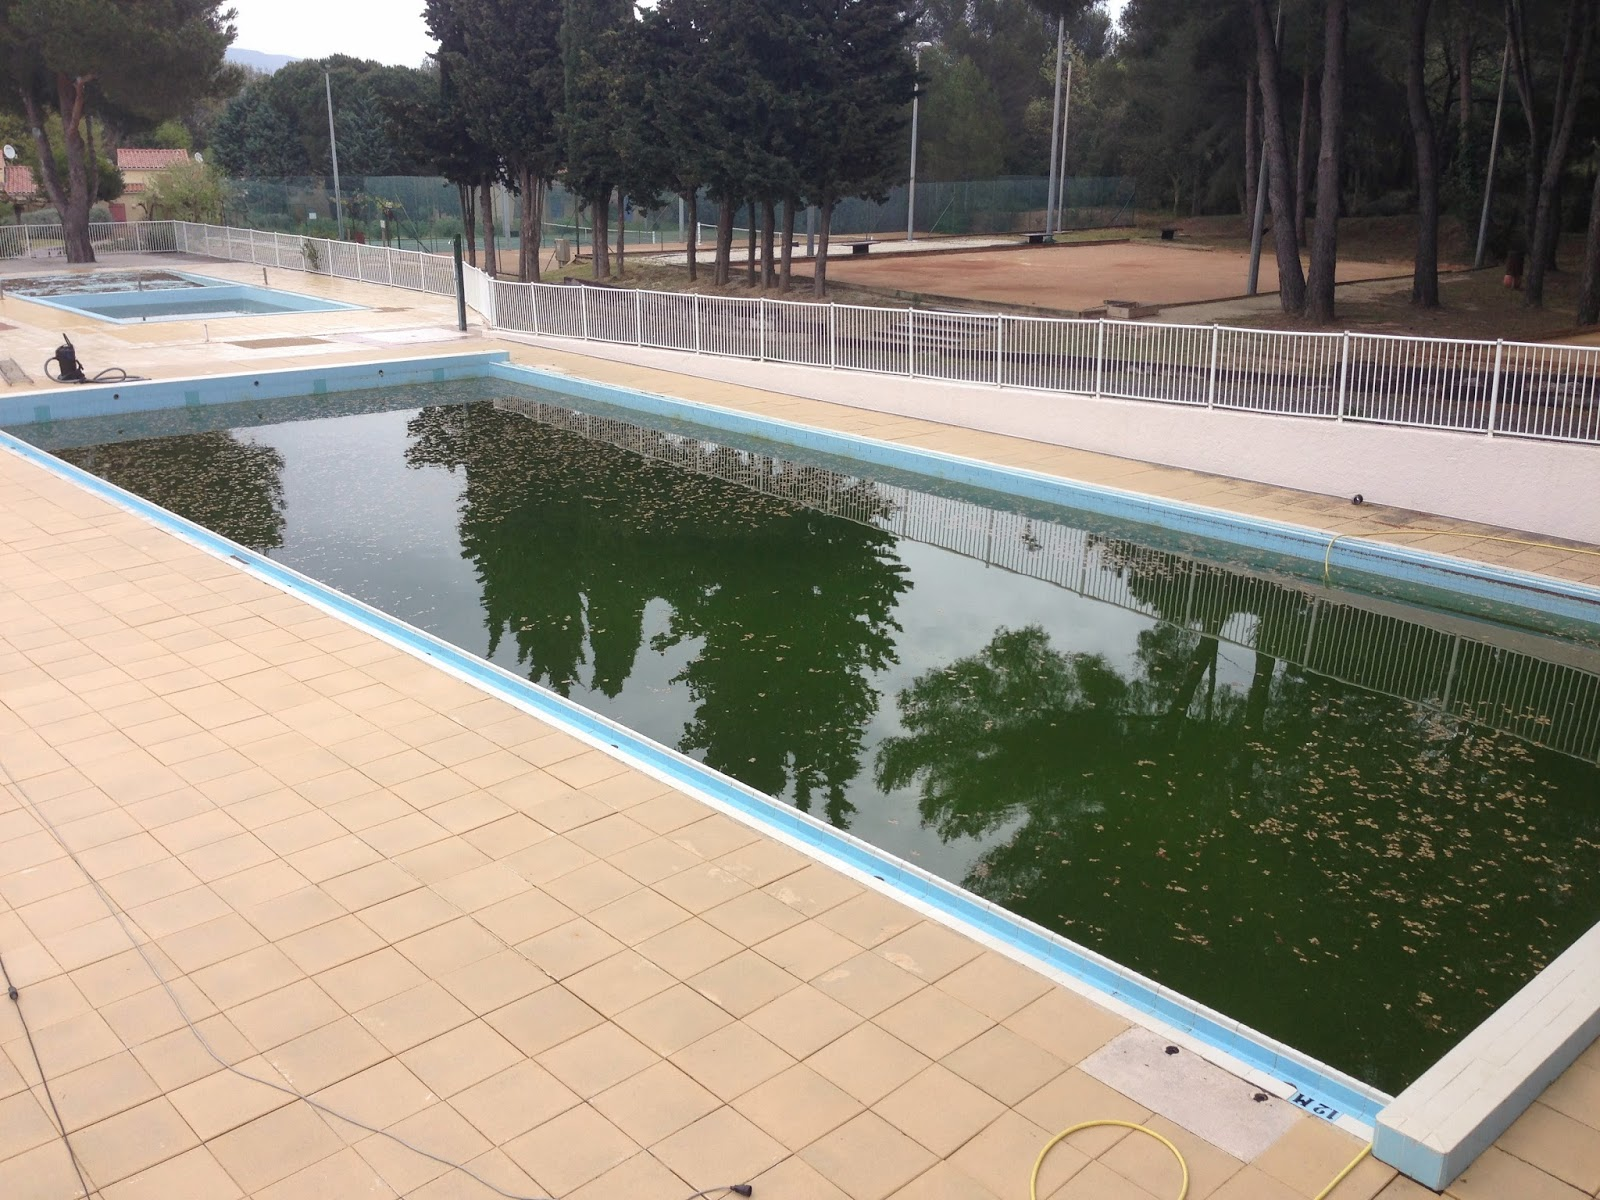 Village vacances touristra la manne ouverture de la for Algues rouges piscine